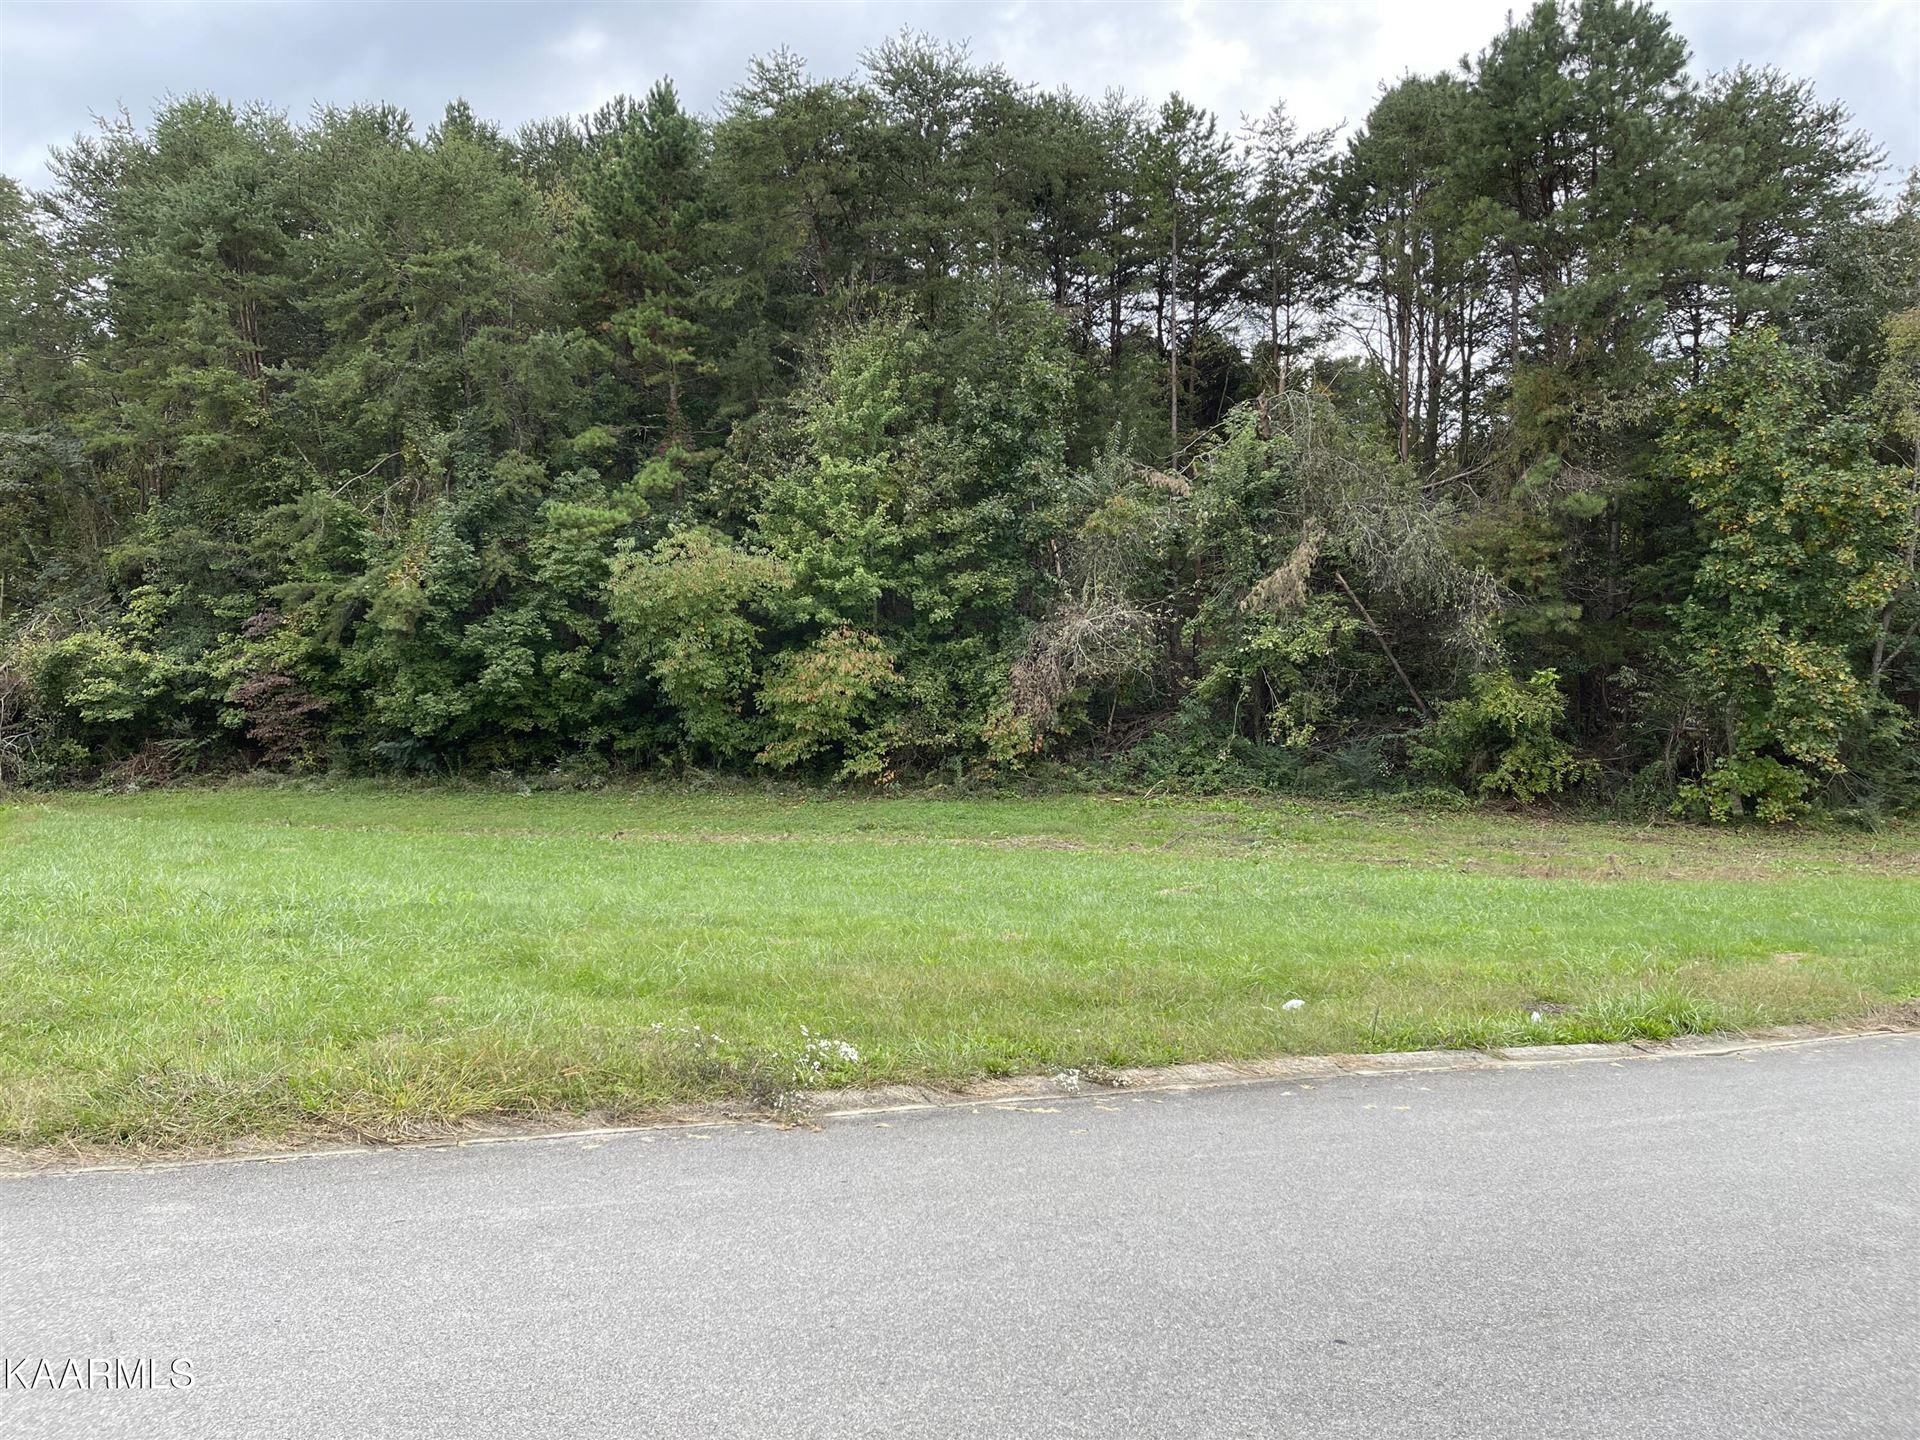 Photo of Lot 26 Sierra Lane, Sevierville, TN 37862 (MLS # 1171401)